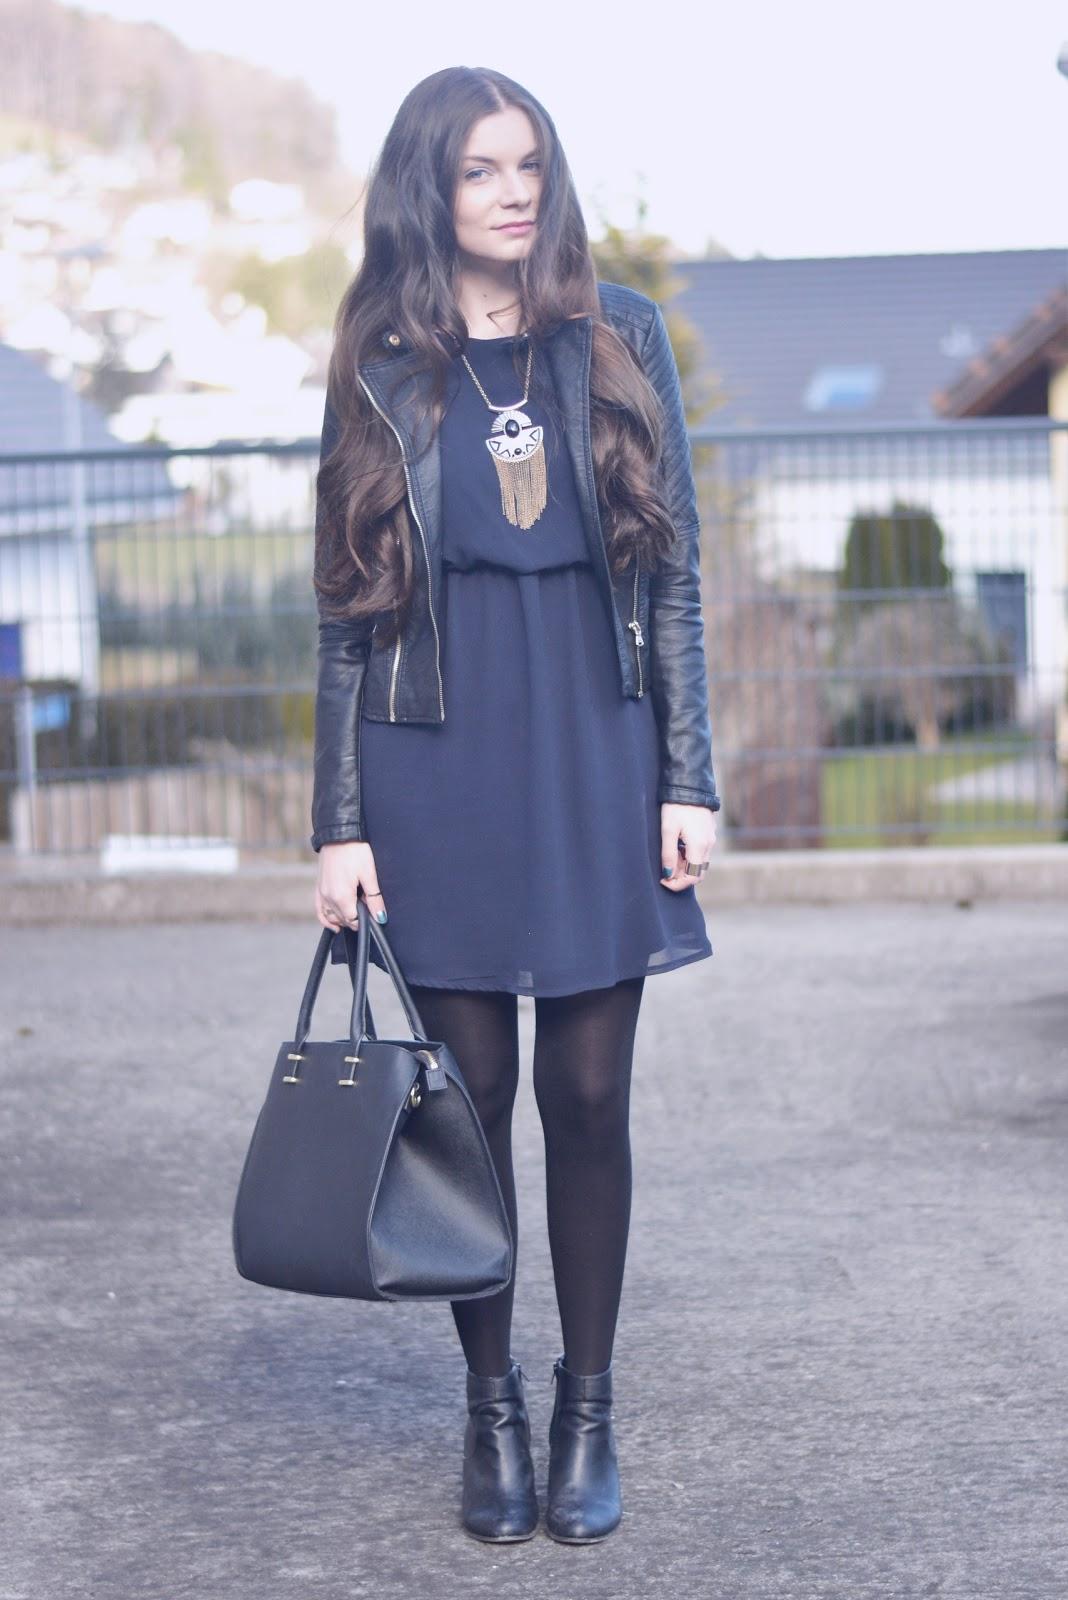 dunkelblaues kleid mit schwarz kombinieren stilvolle abendkleider in deutschland beliebt. Black Bedroom Furniture Sets. Home Design Ideas